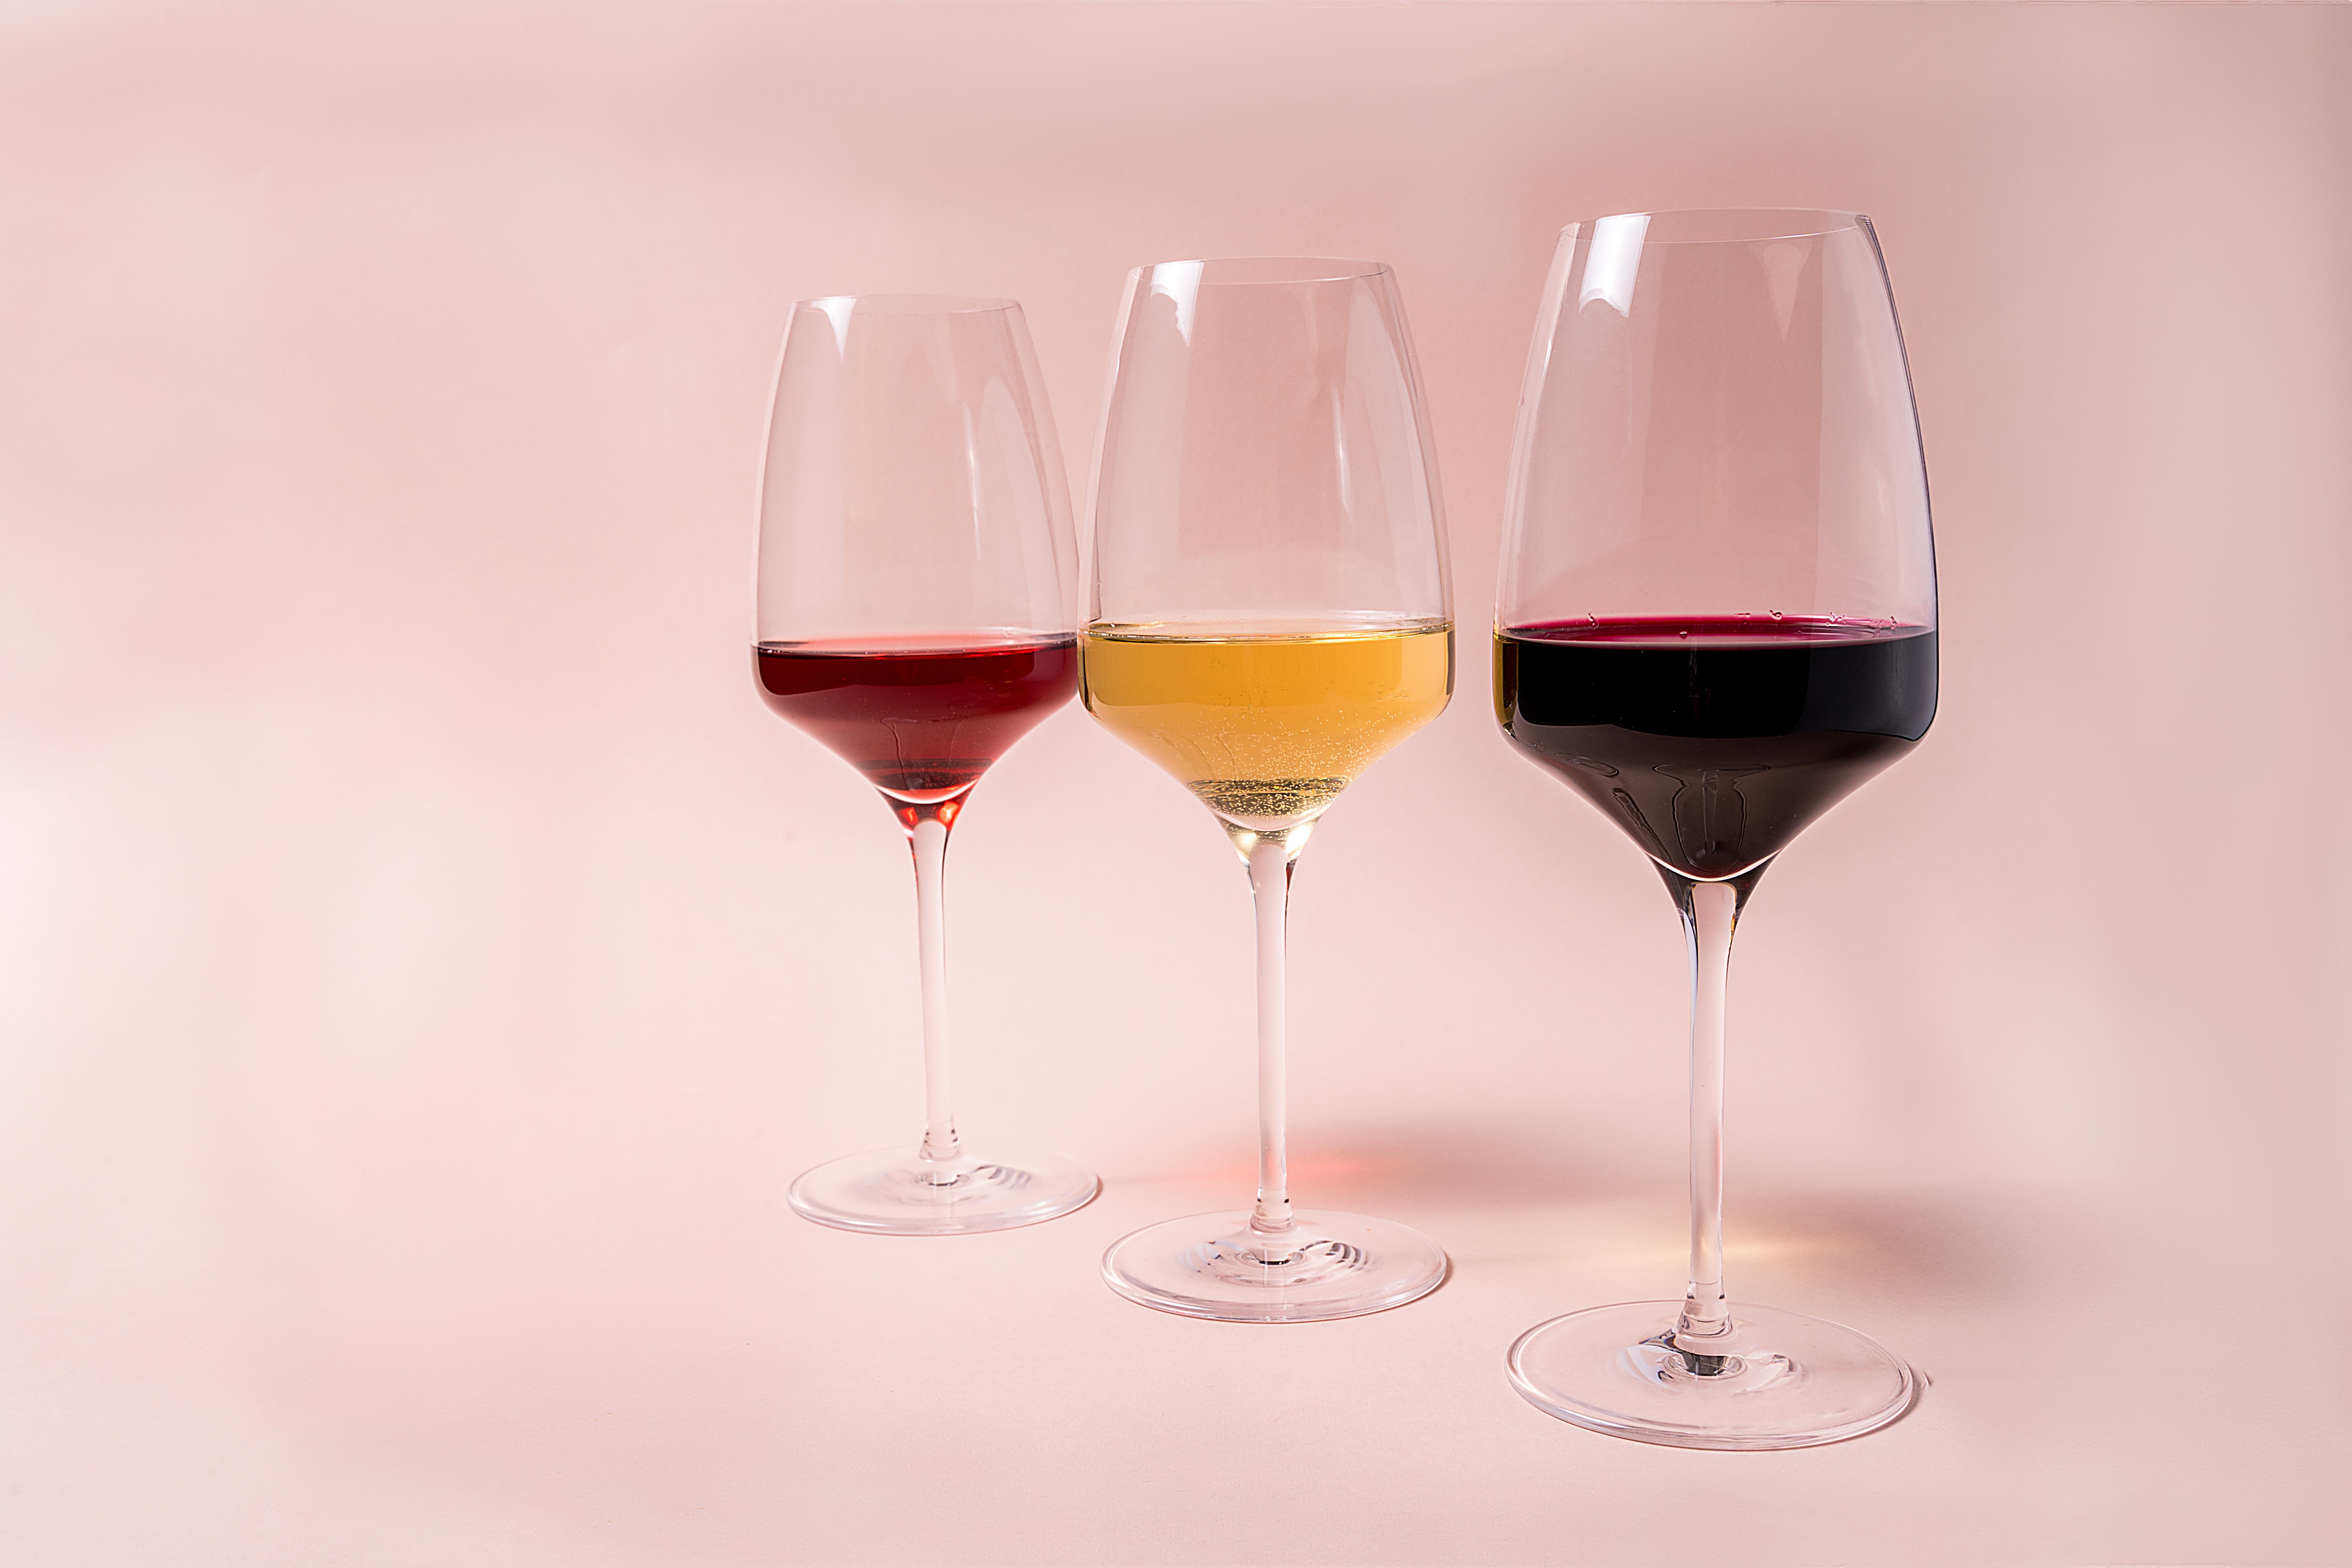 vino rosso bianco rosato